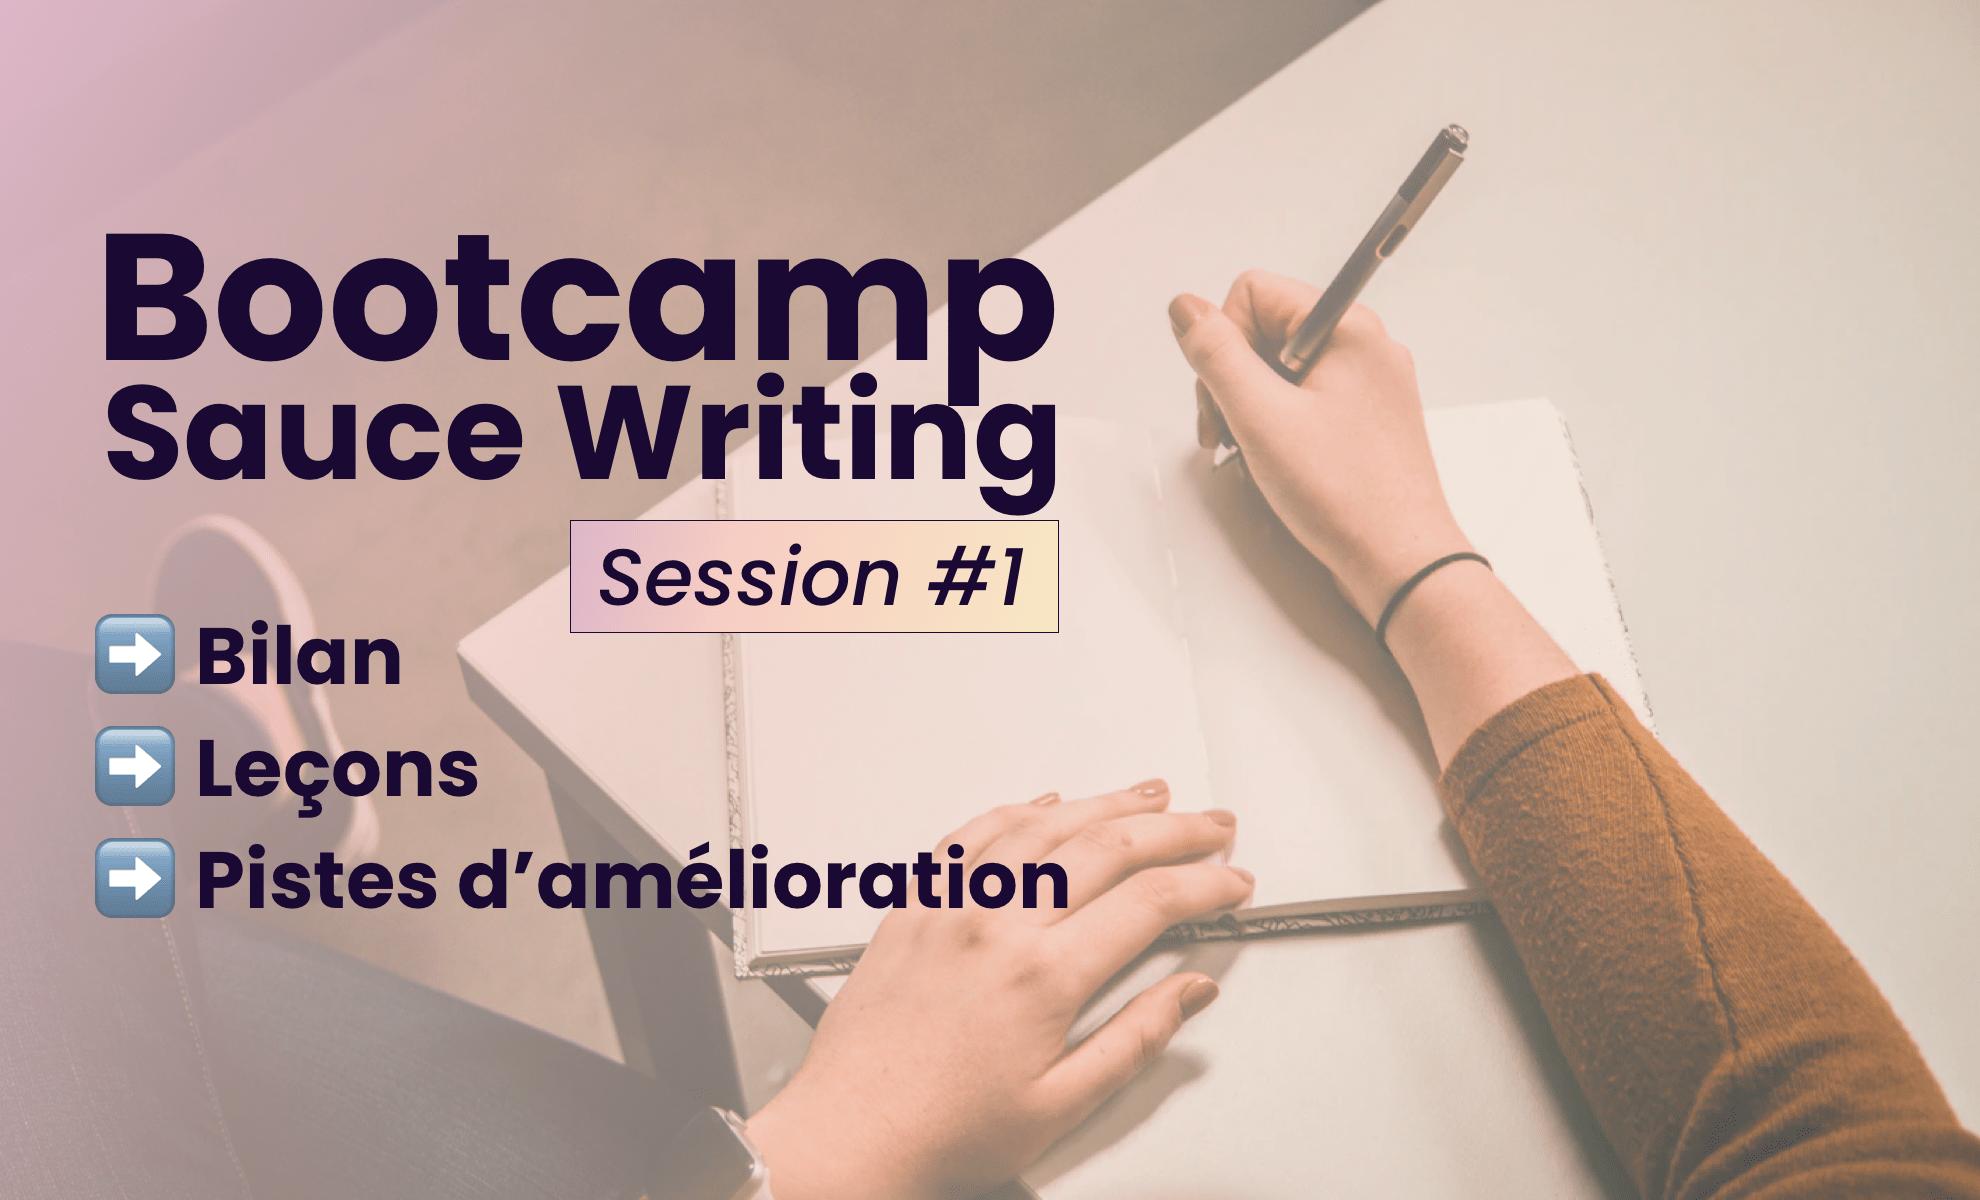 Bilan atelier écriture sauce writing bootcamp